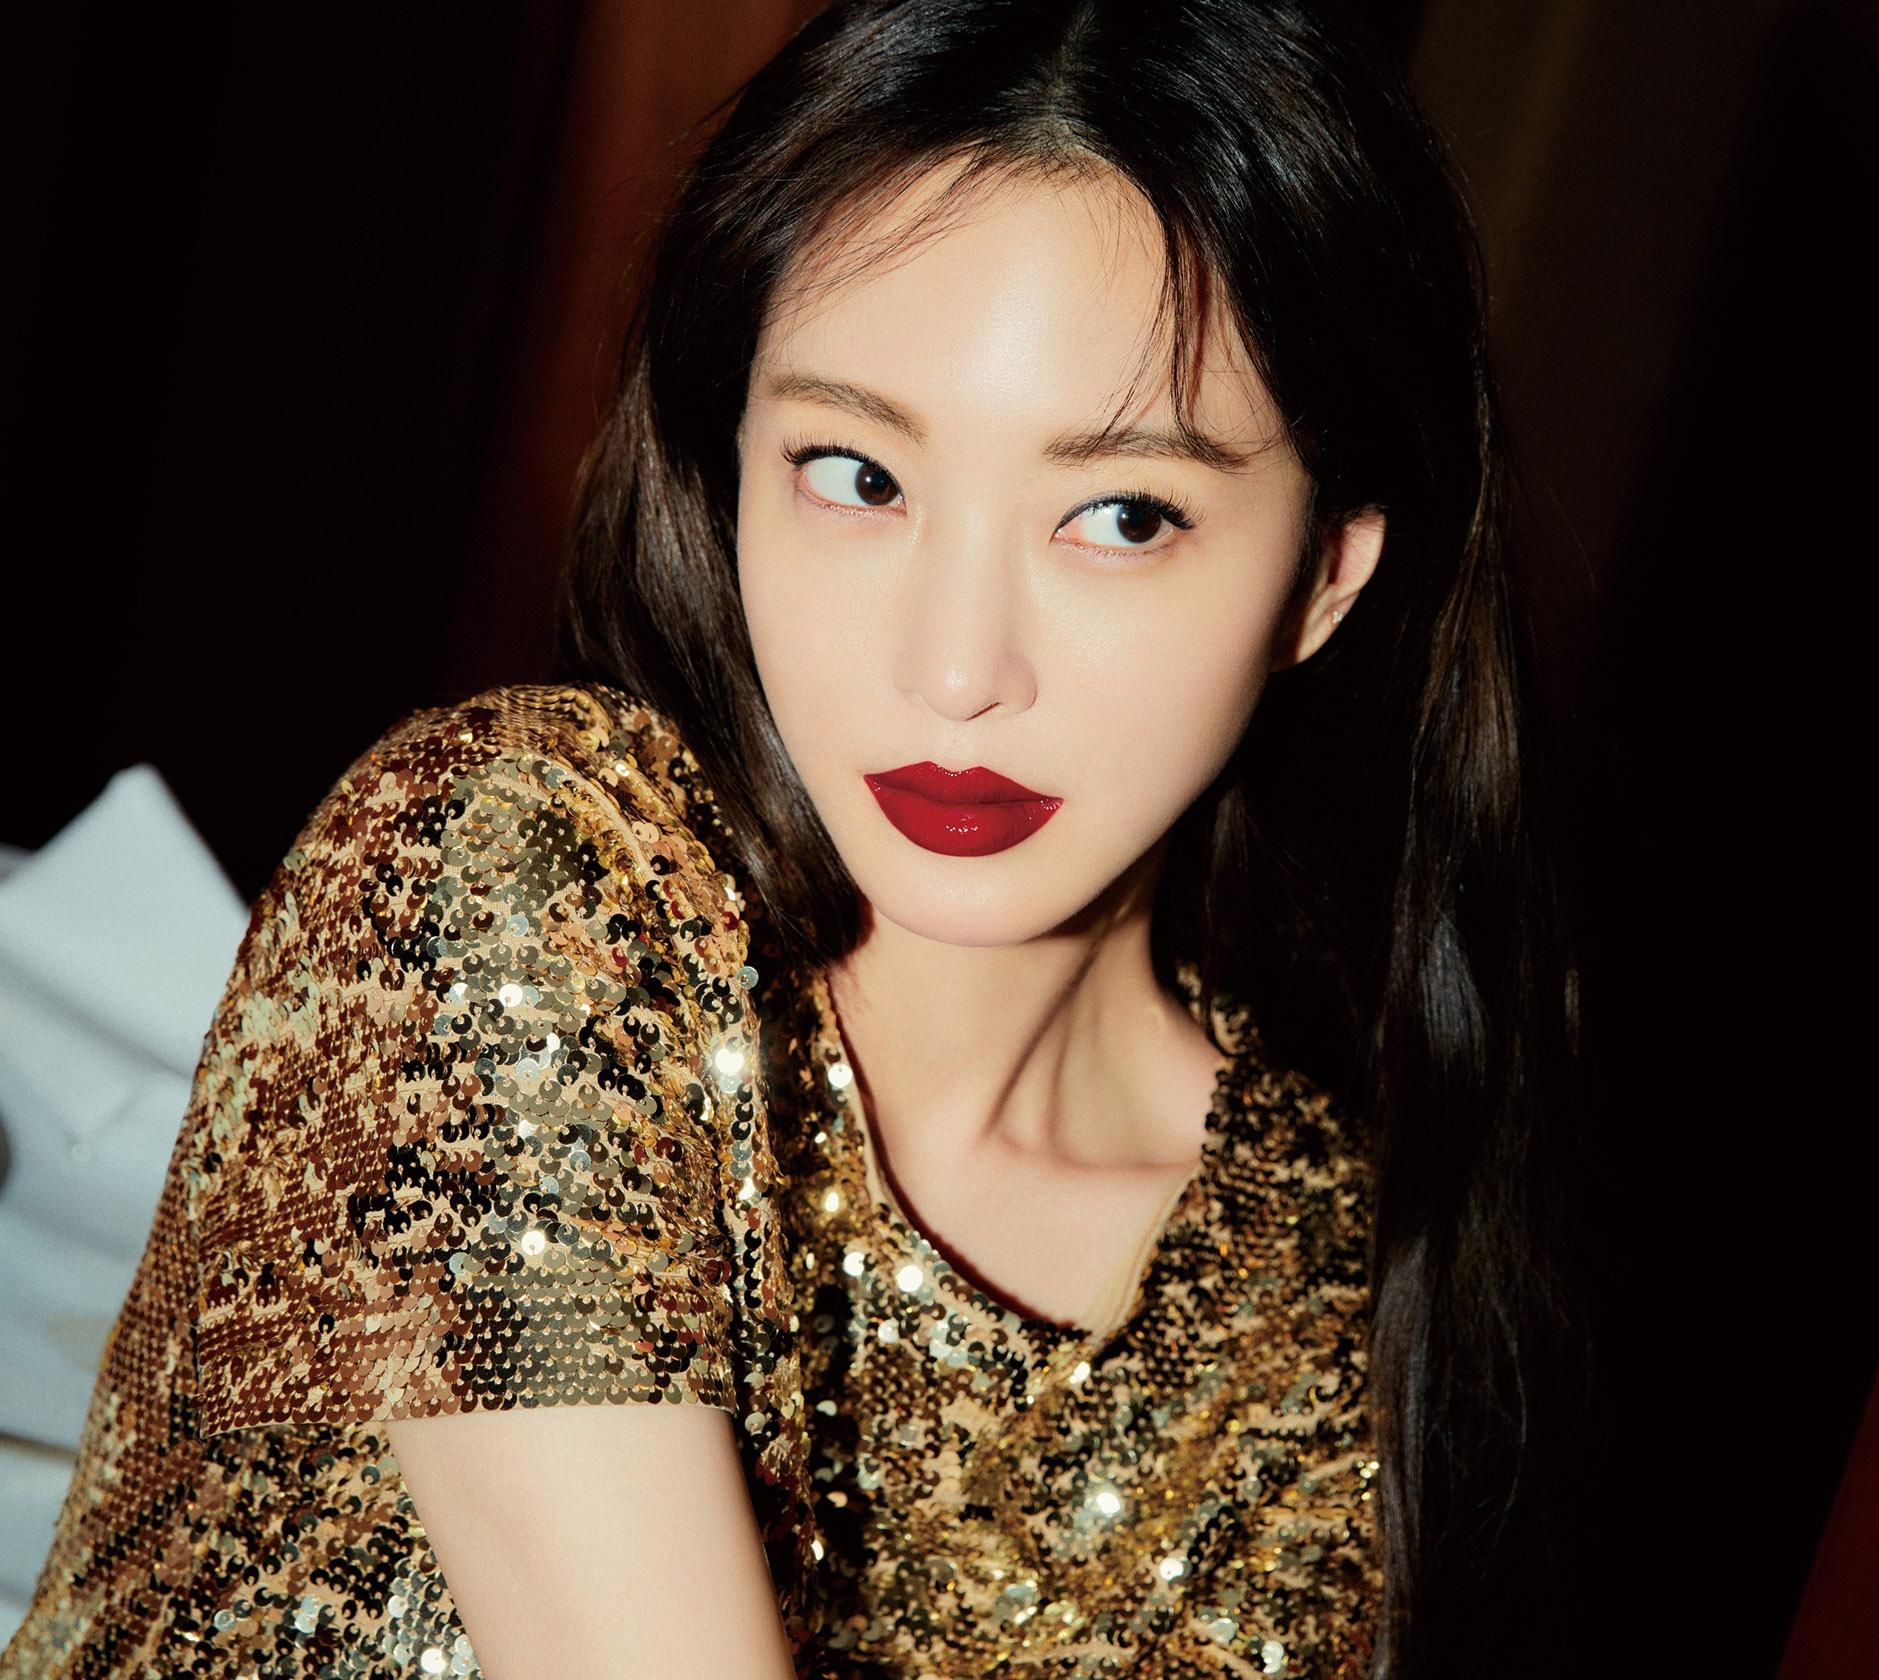 Vụ việc khiến Han Ye Seul mất điểm trầm trọng trong mắt công chúng. Ảnh: ELLE.